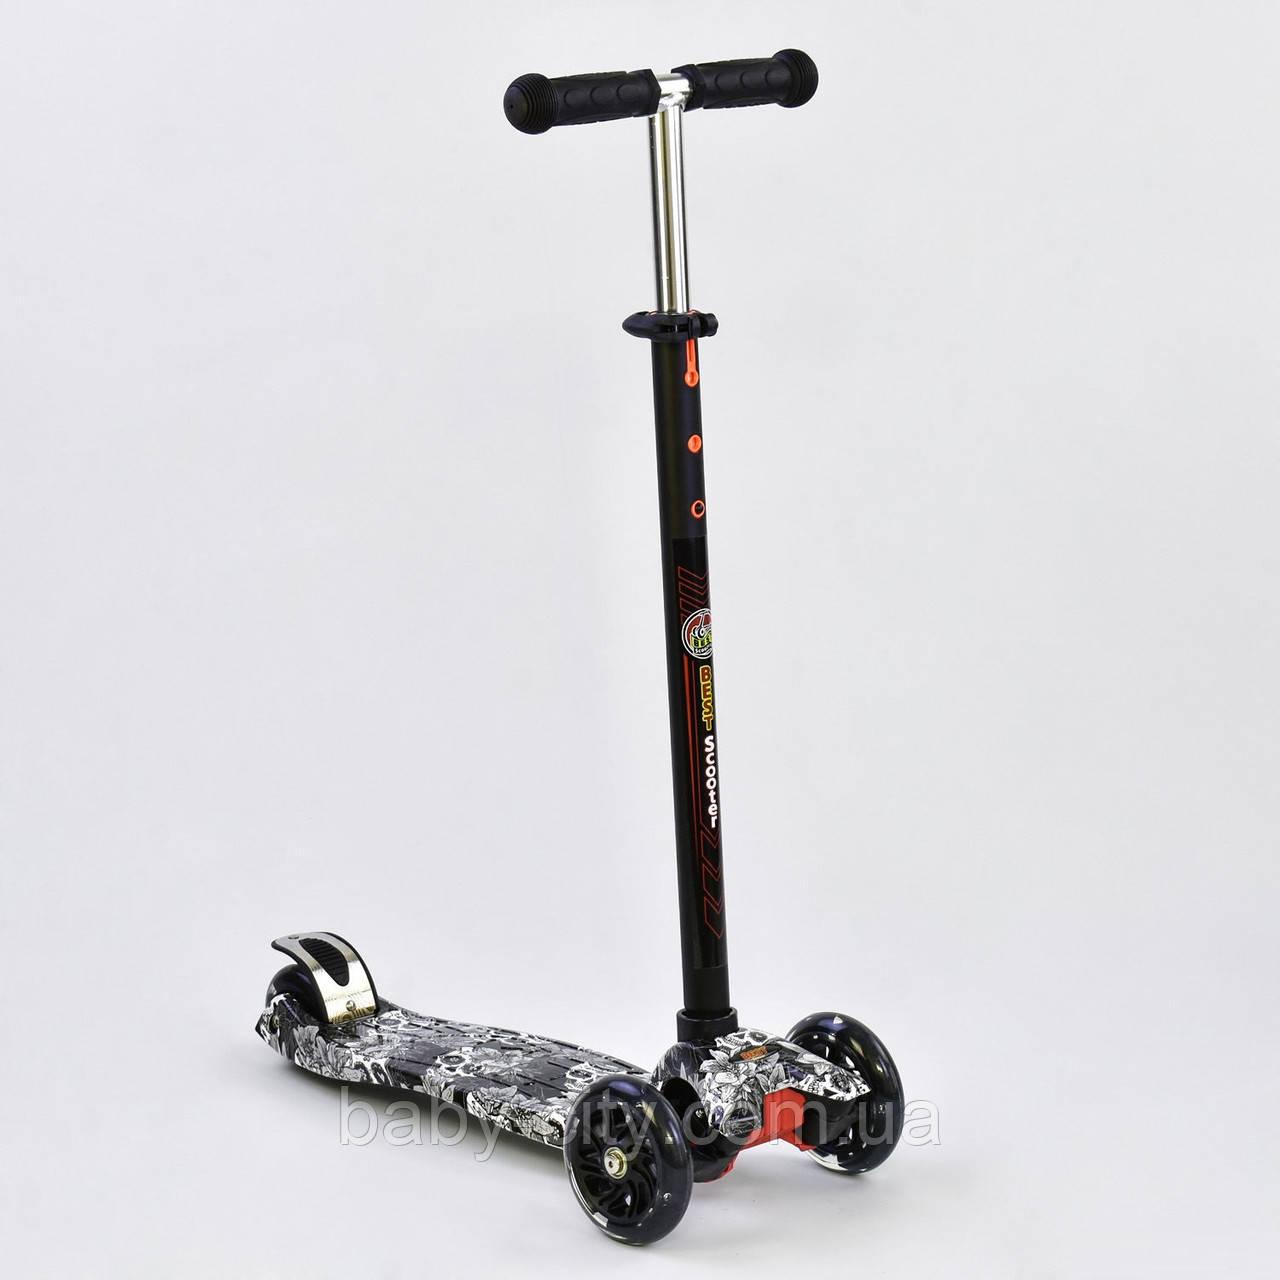 Самокат Best Scooter А 25465 /779-1320 MAXI, 4 колеса PU, свет, d=12 см, трубка руля алюминиевая